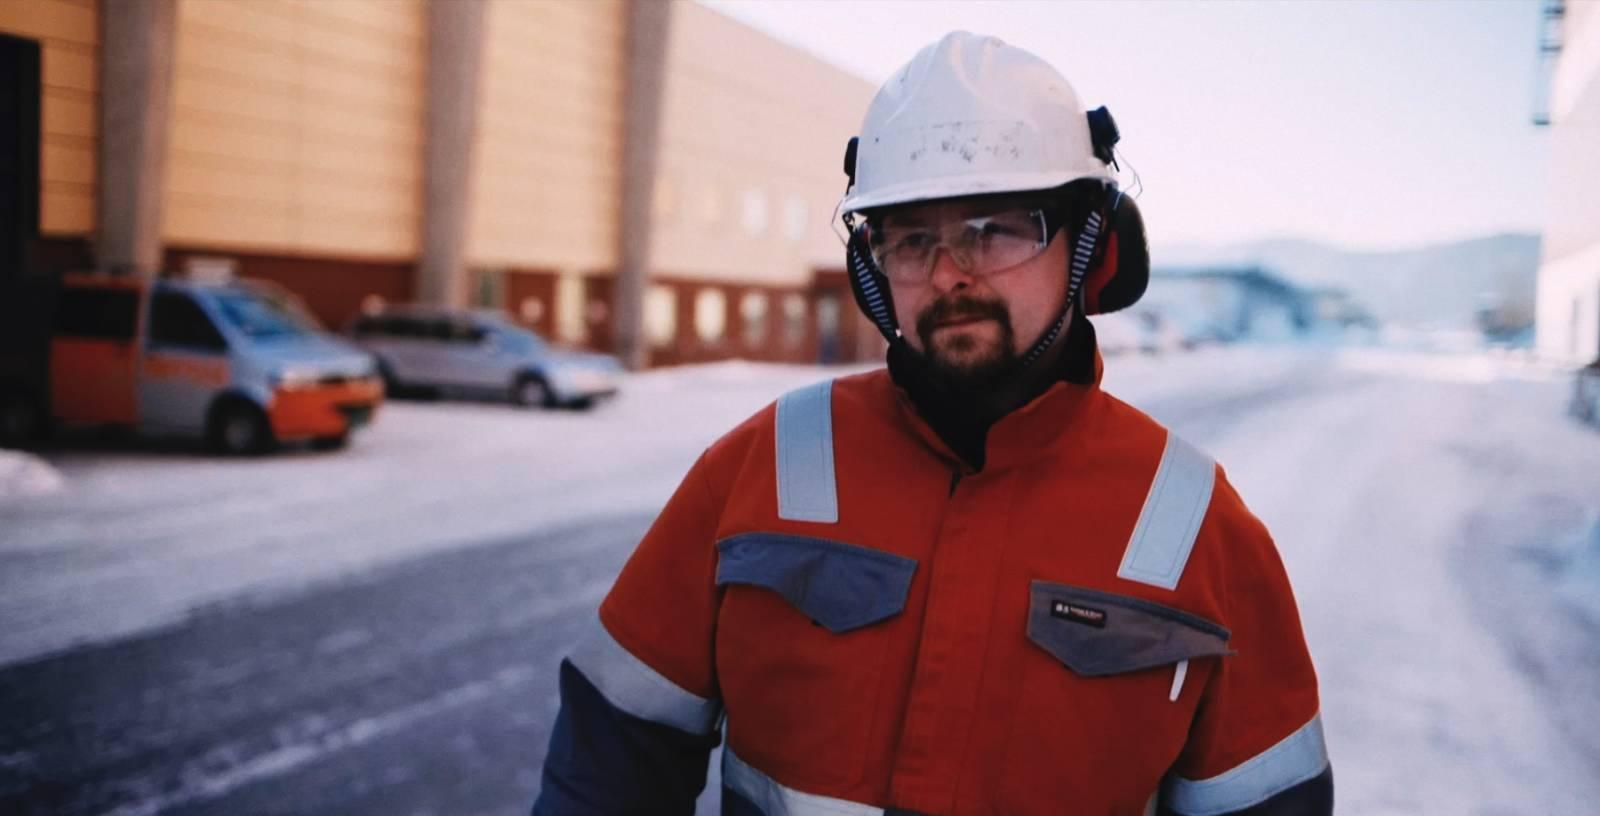 Mann i hvit hjelm og orange kjeledress, går bortover. Utendørs.